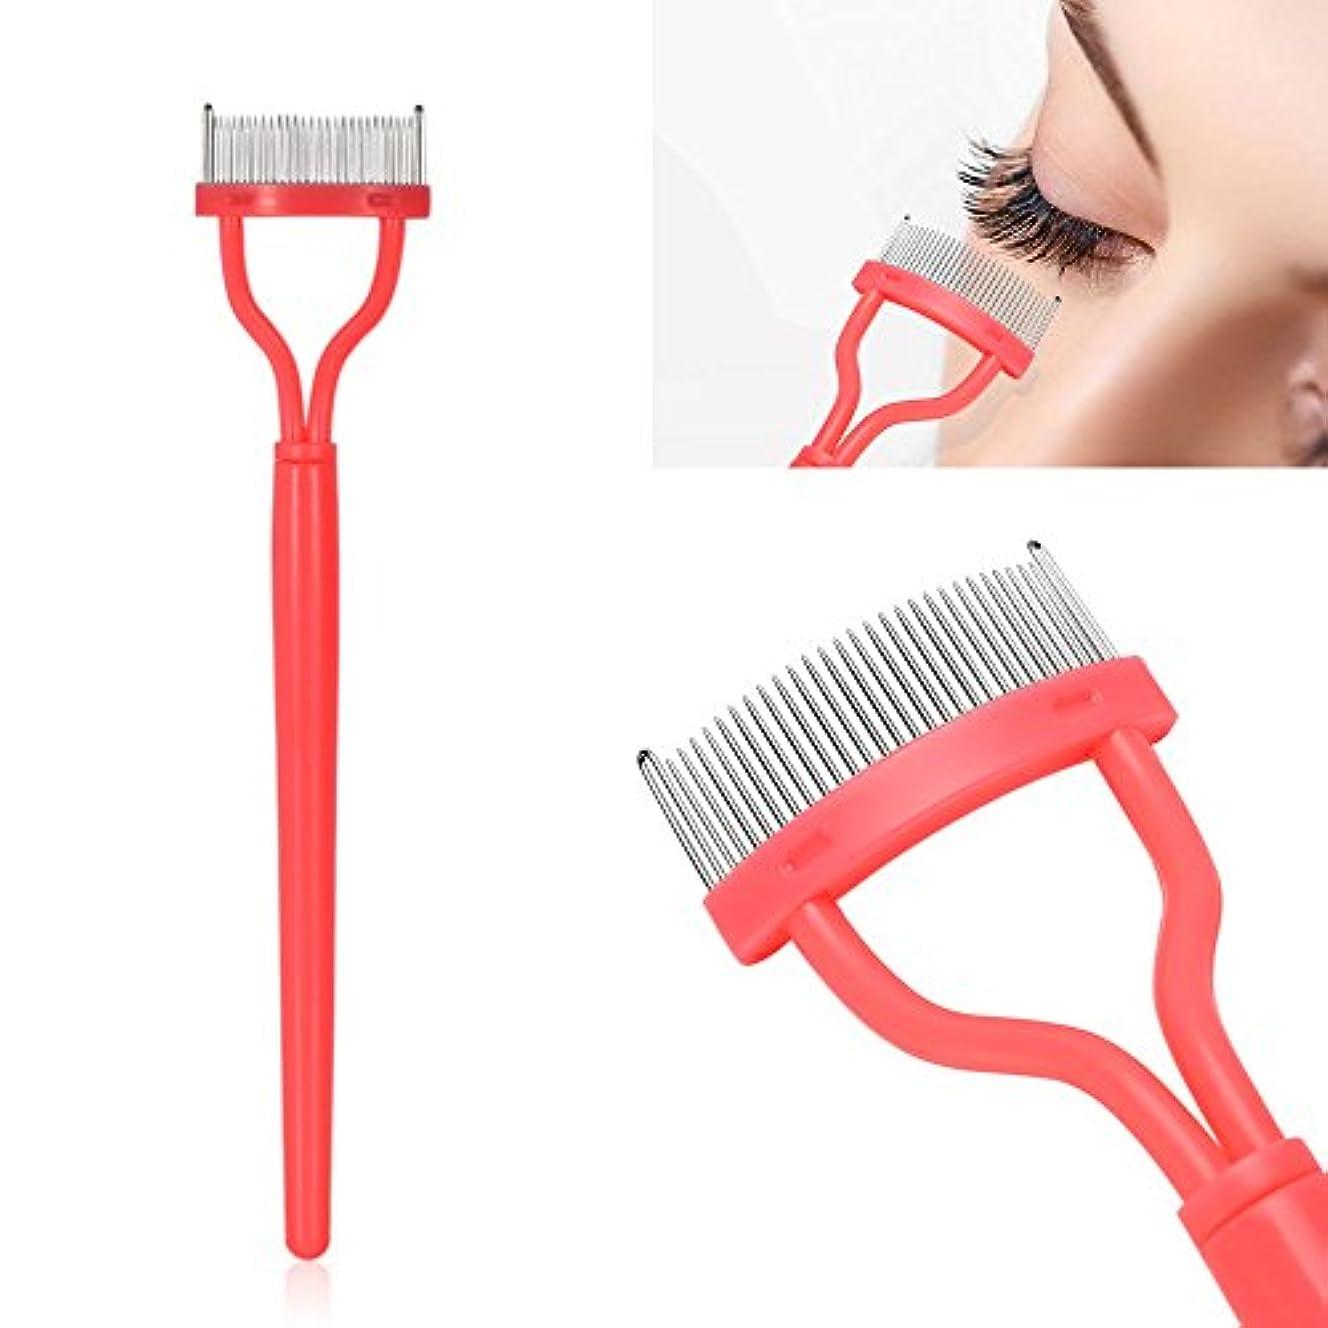 採用微妙持ってるATOMUS マスカラブラシ 櫛 鋼の針のマスカラセパレータツール 女性のまつげのメイクブラシ 金属歯 2つの選択可能な色 (まつげくし (ピンク))